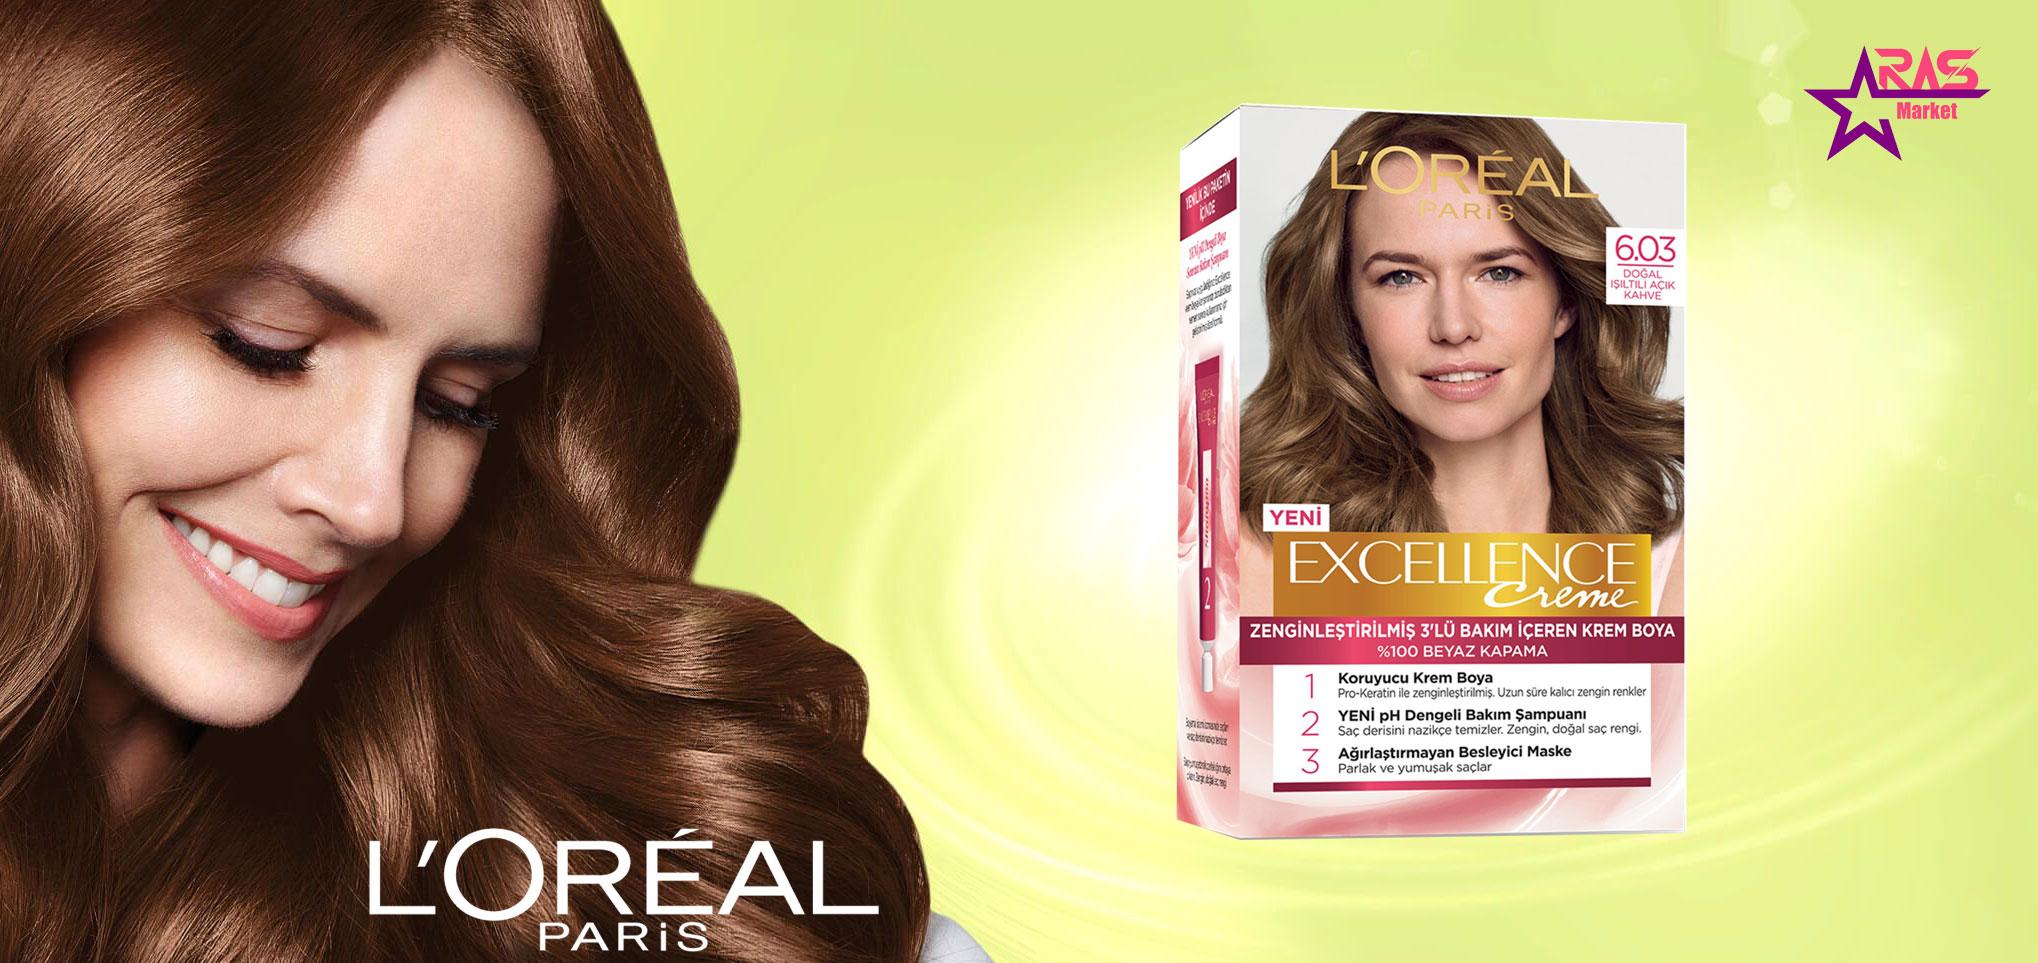 کیت رنگ مو لورآل سری Excellence شماره 6.03 ، خرید اینترنتی محصولات شوینده و بهداشتی ، بهداشت بانوان ، ارس مارکت